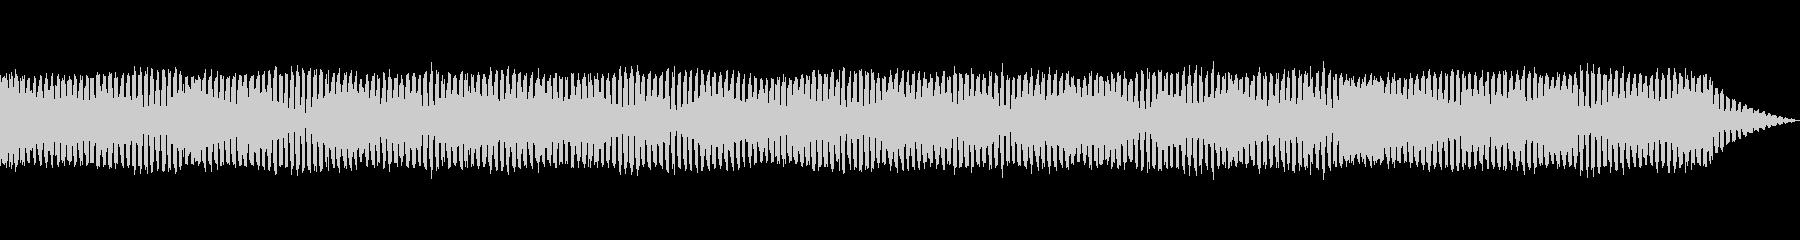 【生録音】風情のある日本の秋の虫の声 1の未再生の波形